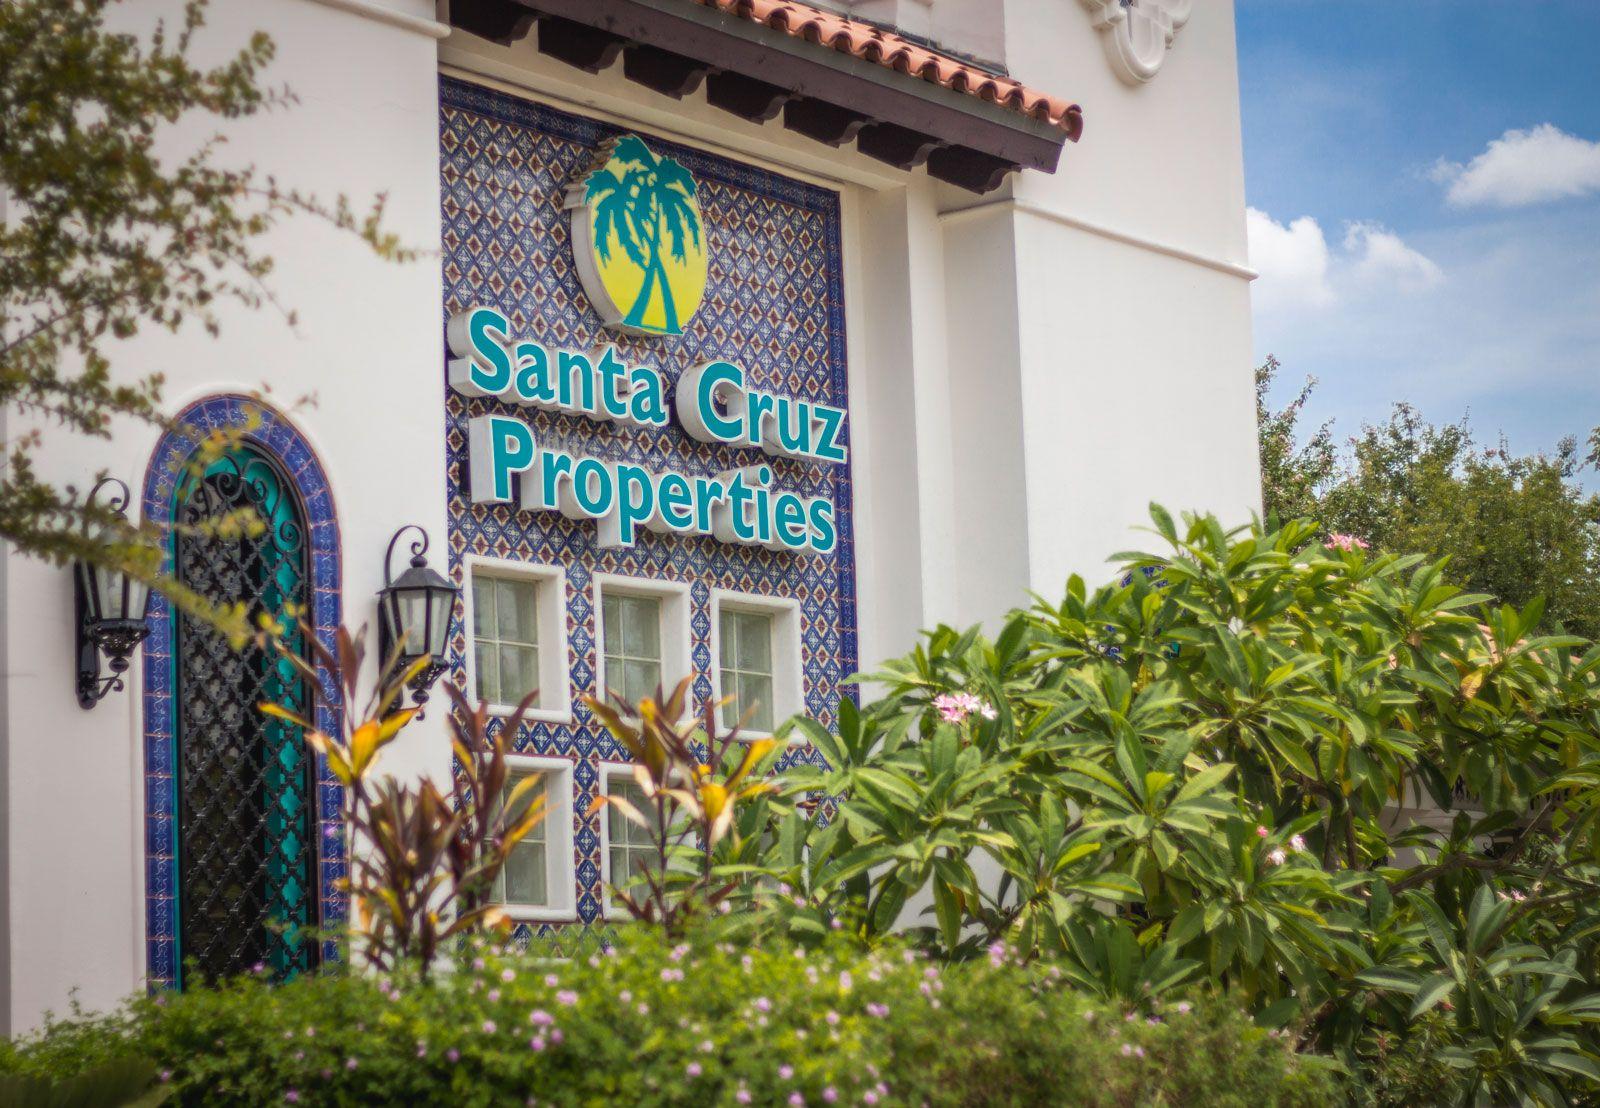 Comprar Terreno En El Condado De Starr In 2020 Santa Cruz Starr